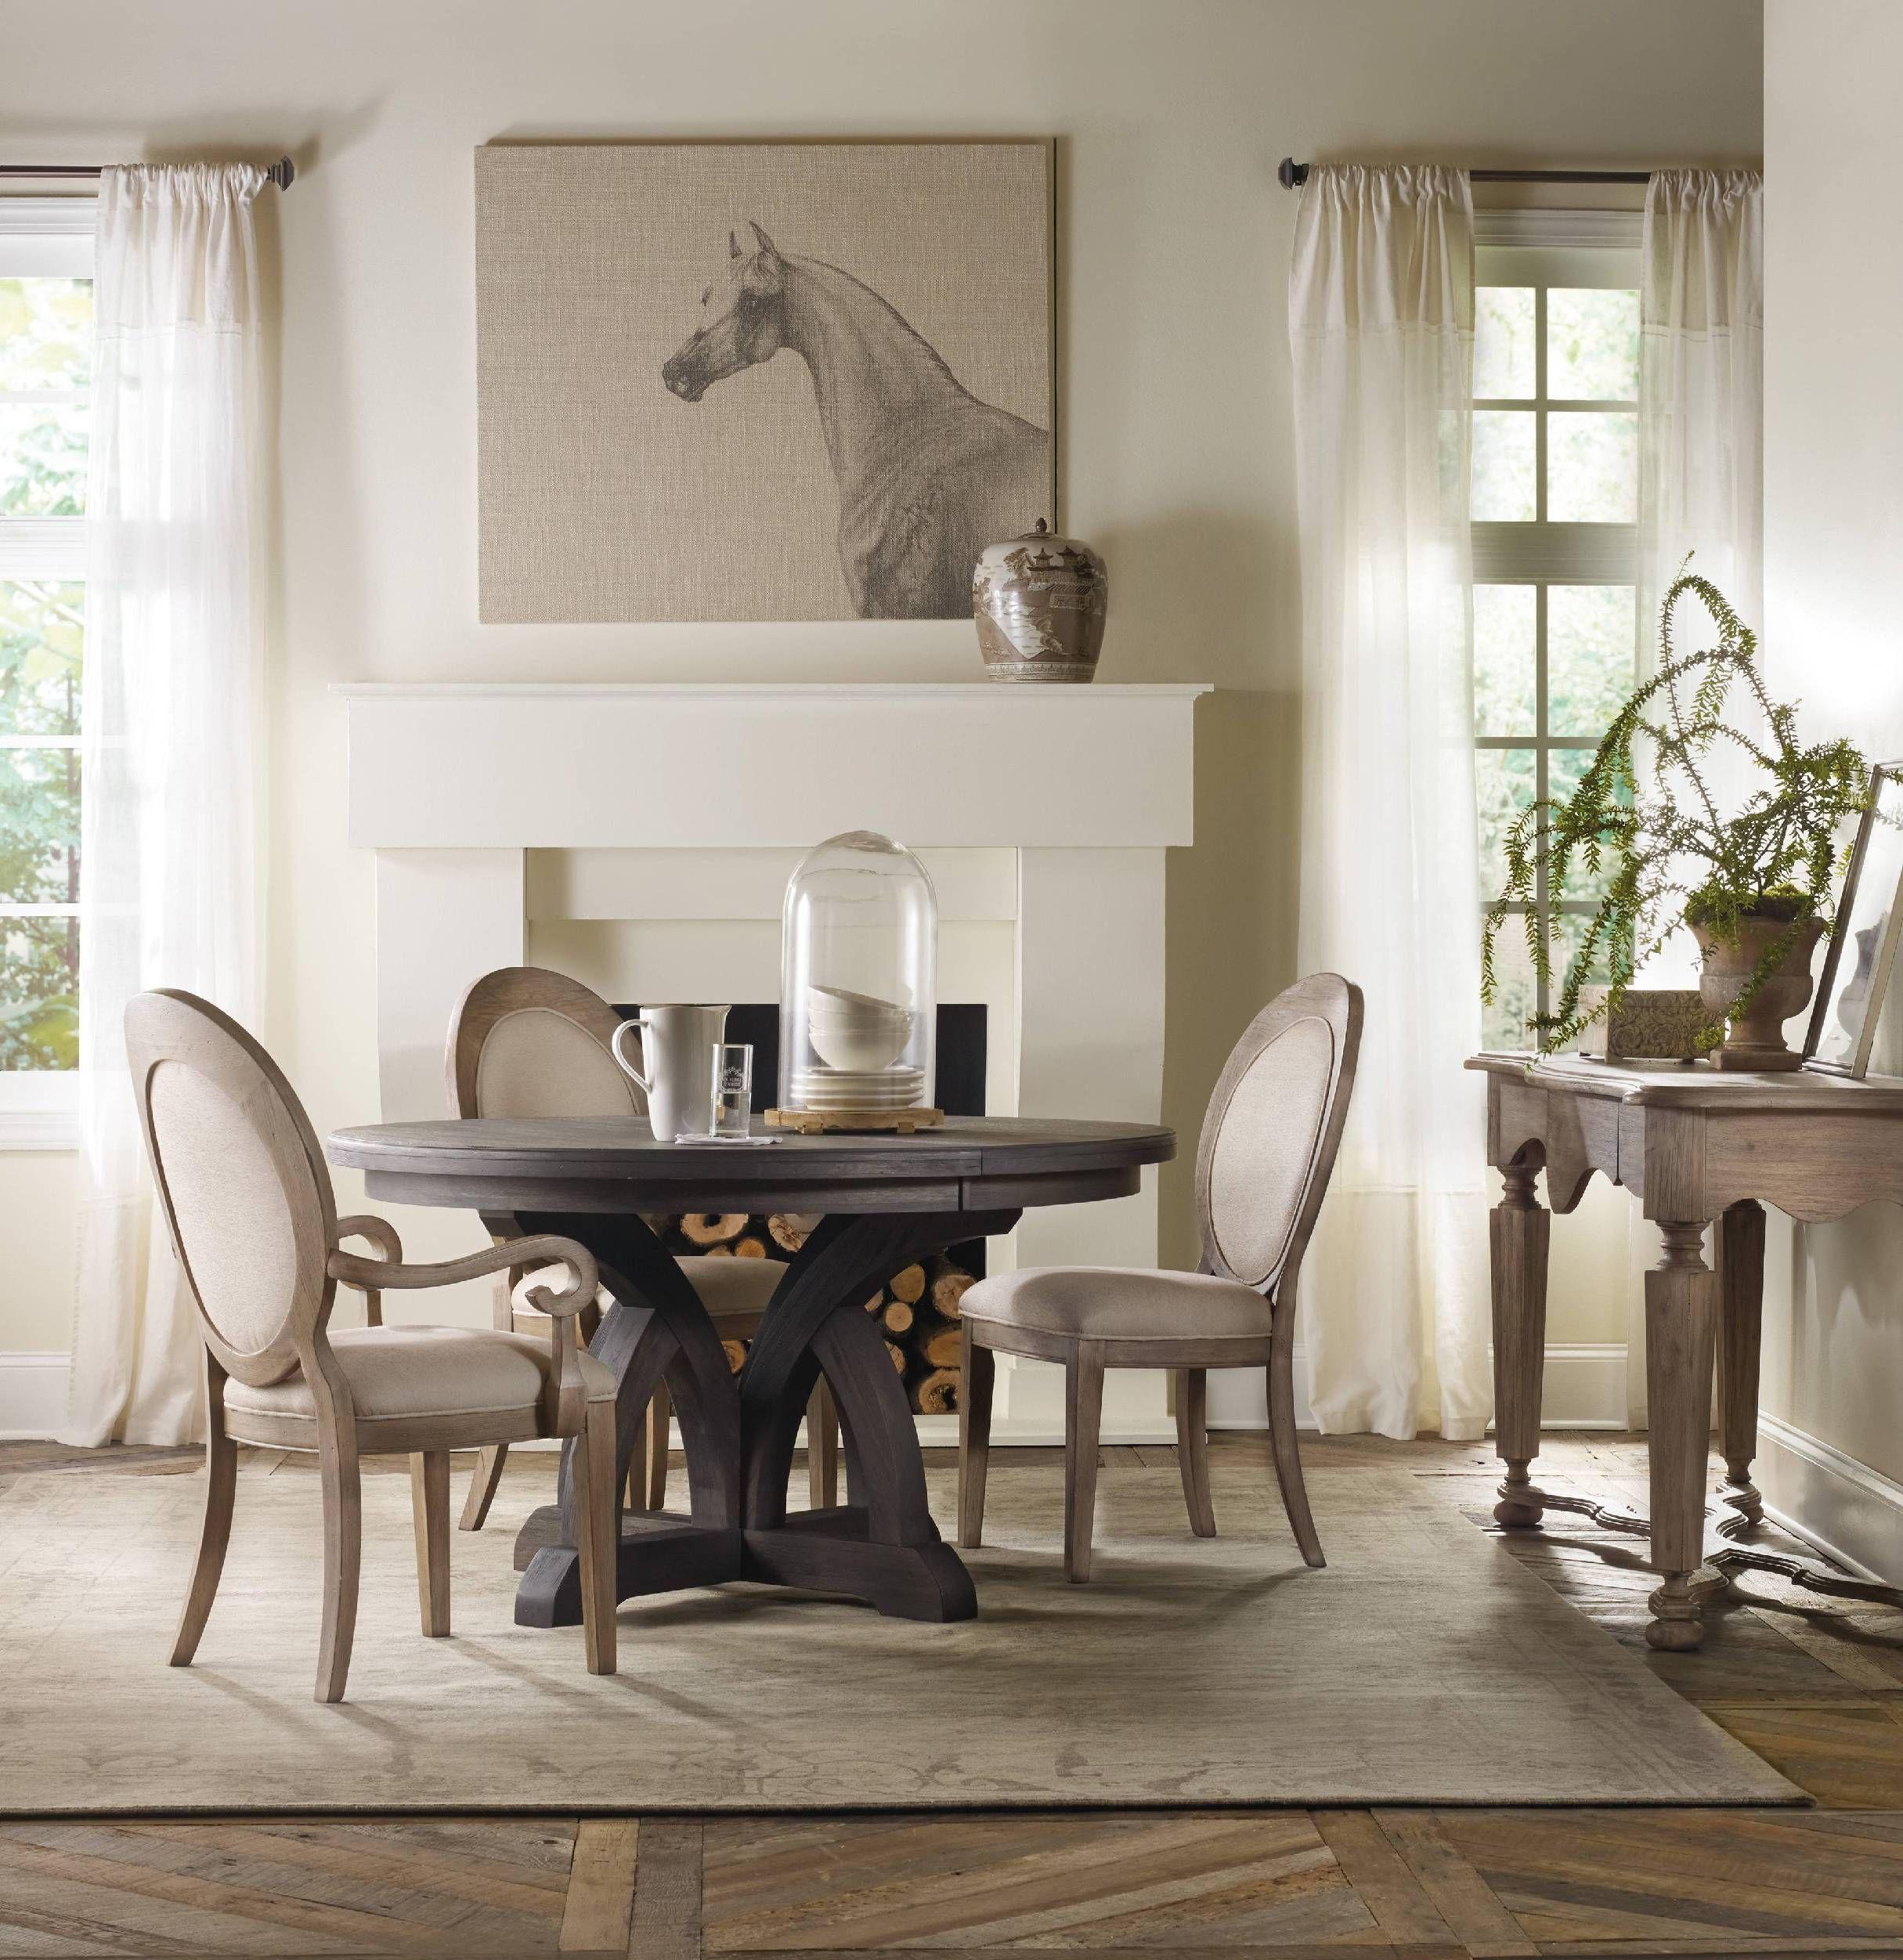 Corsica Dark Round Dining Table W 1 18in Leaf 5280 75203 Mesa Y Sillas Hogar Sillas